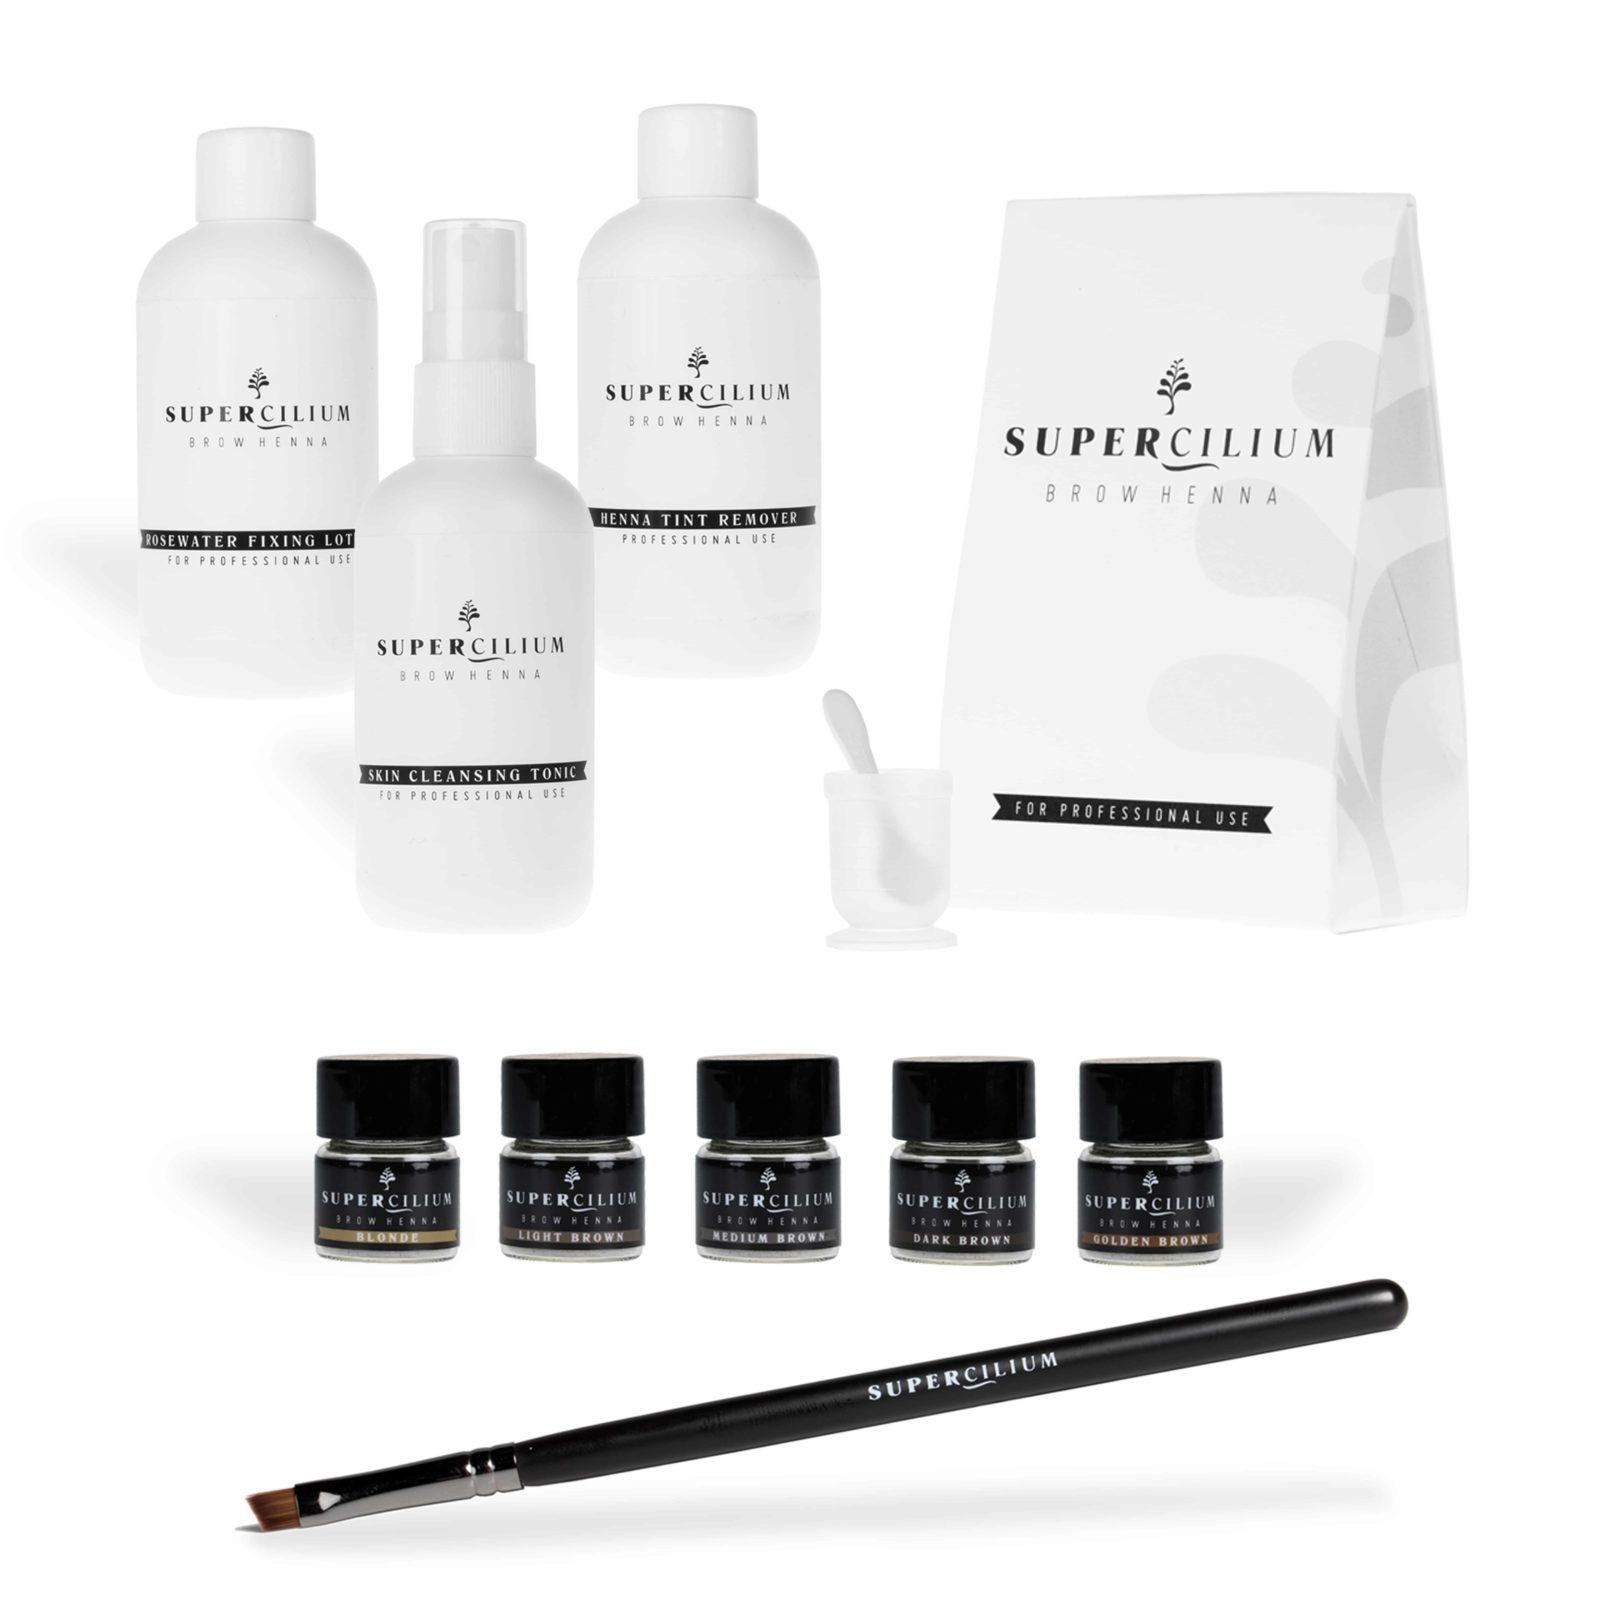 Supercilium Supercilium starter kit